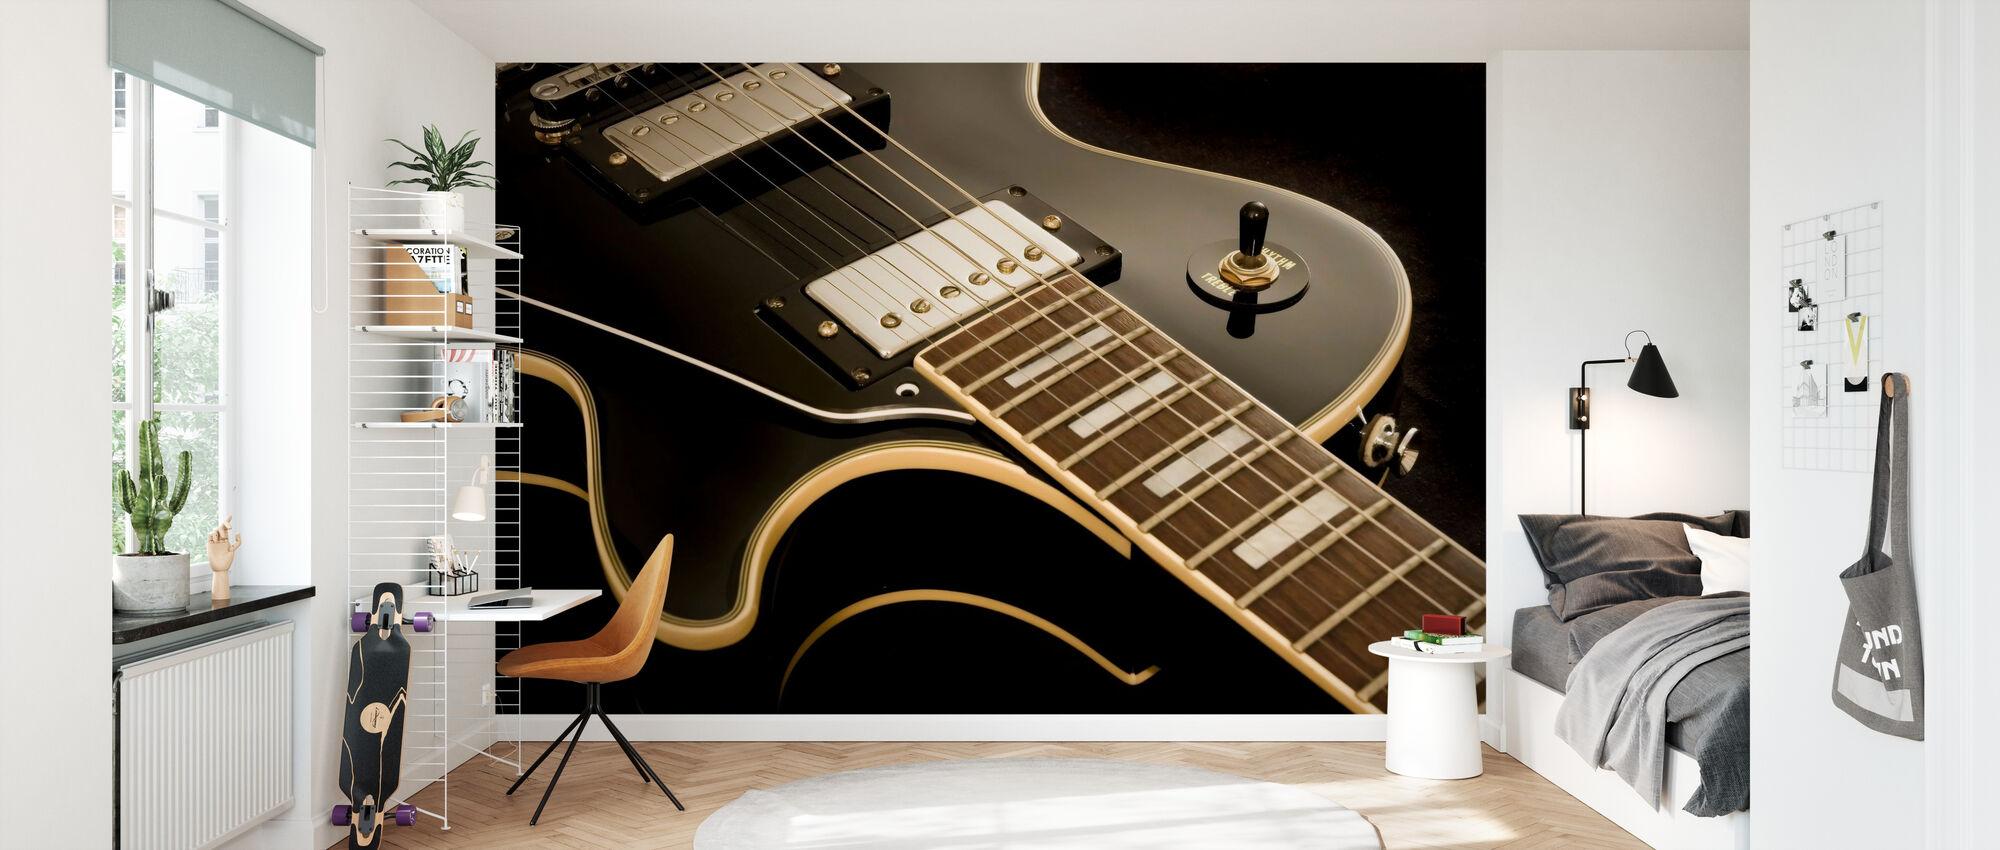 Guitare Vintage - Papier peint - Chambre des enfants